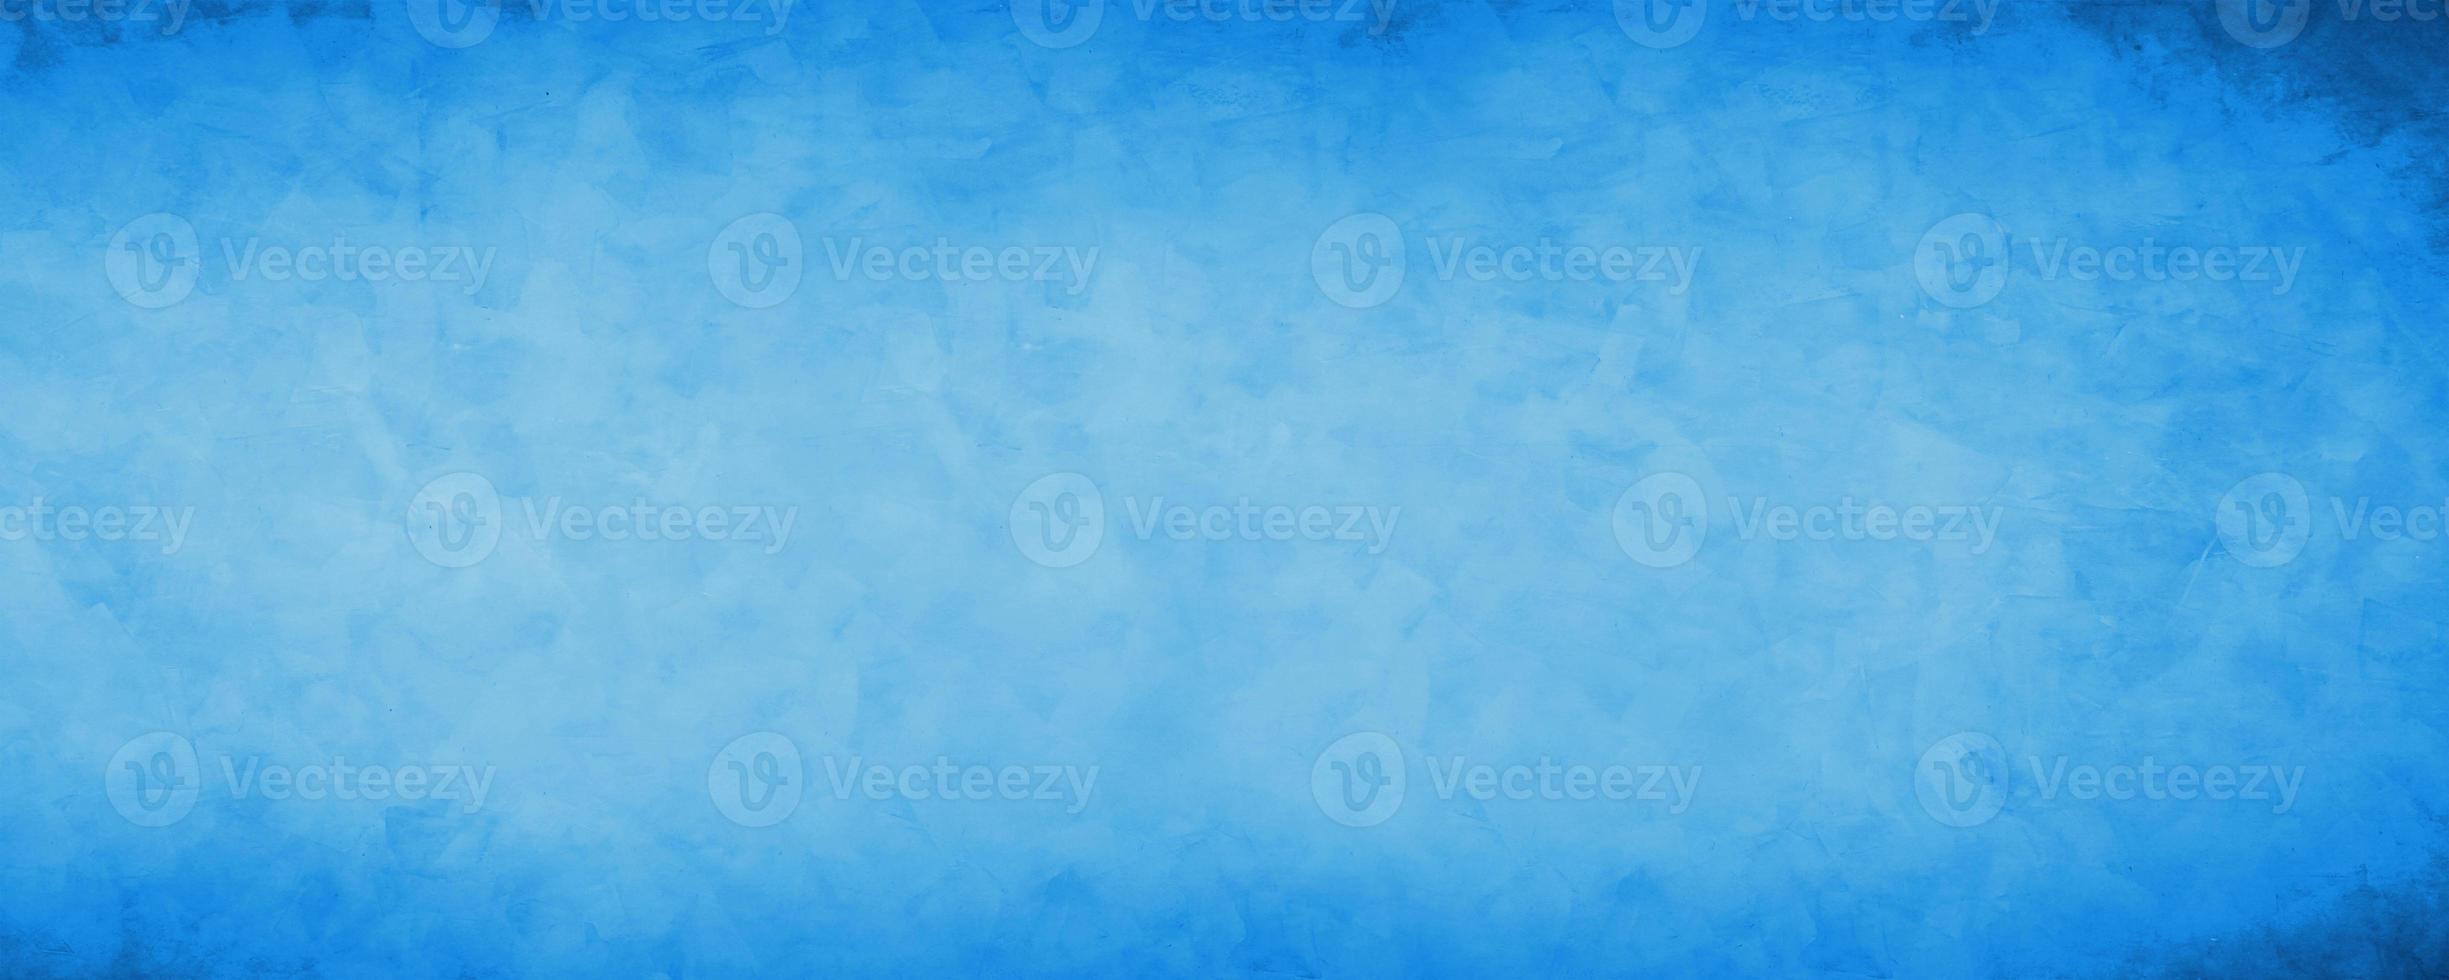 donkerblauwe grunge cement muur achtergrond foto